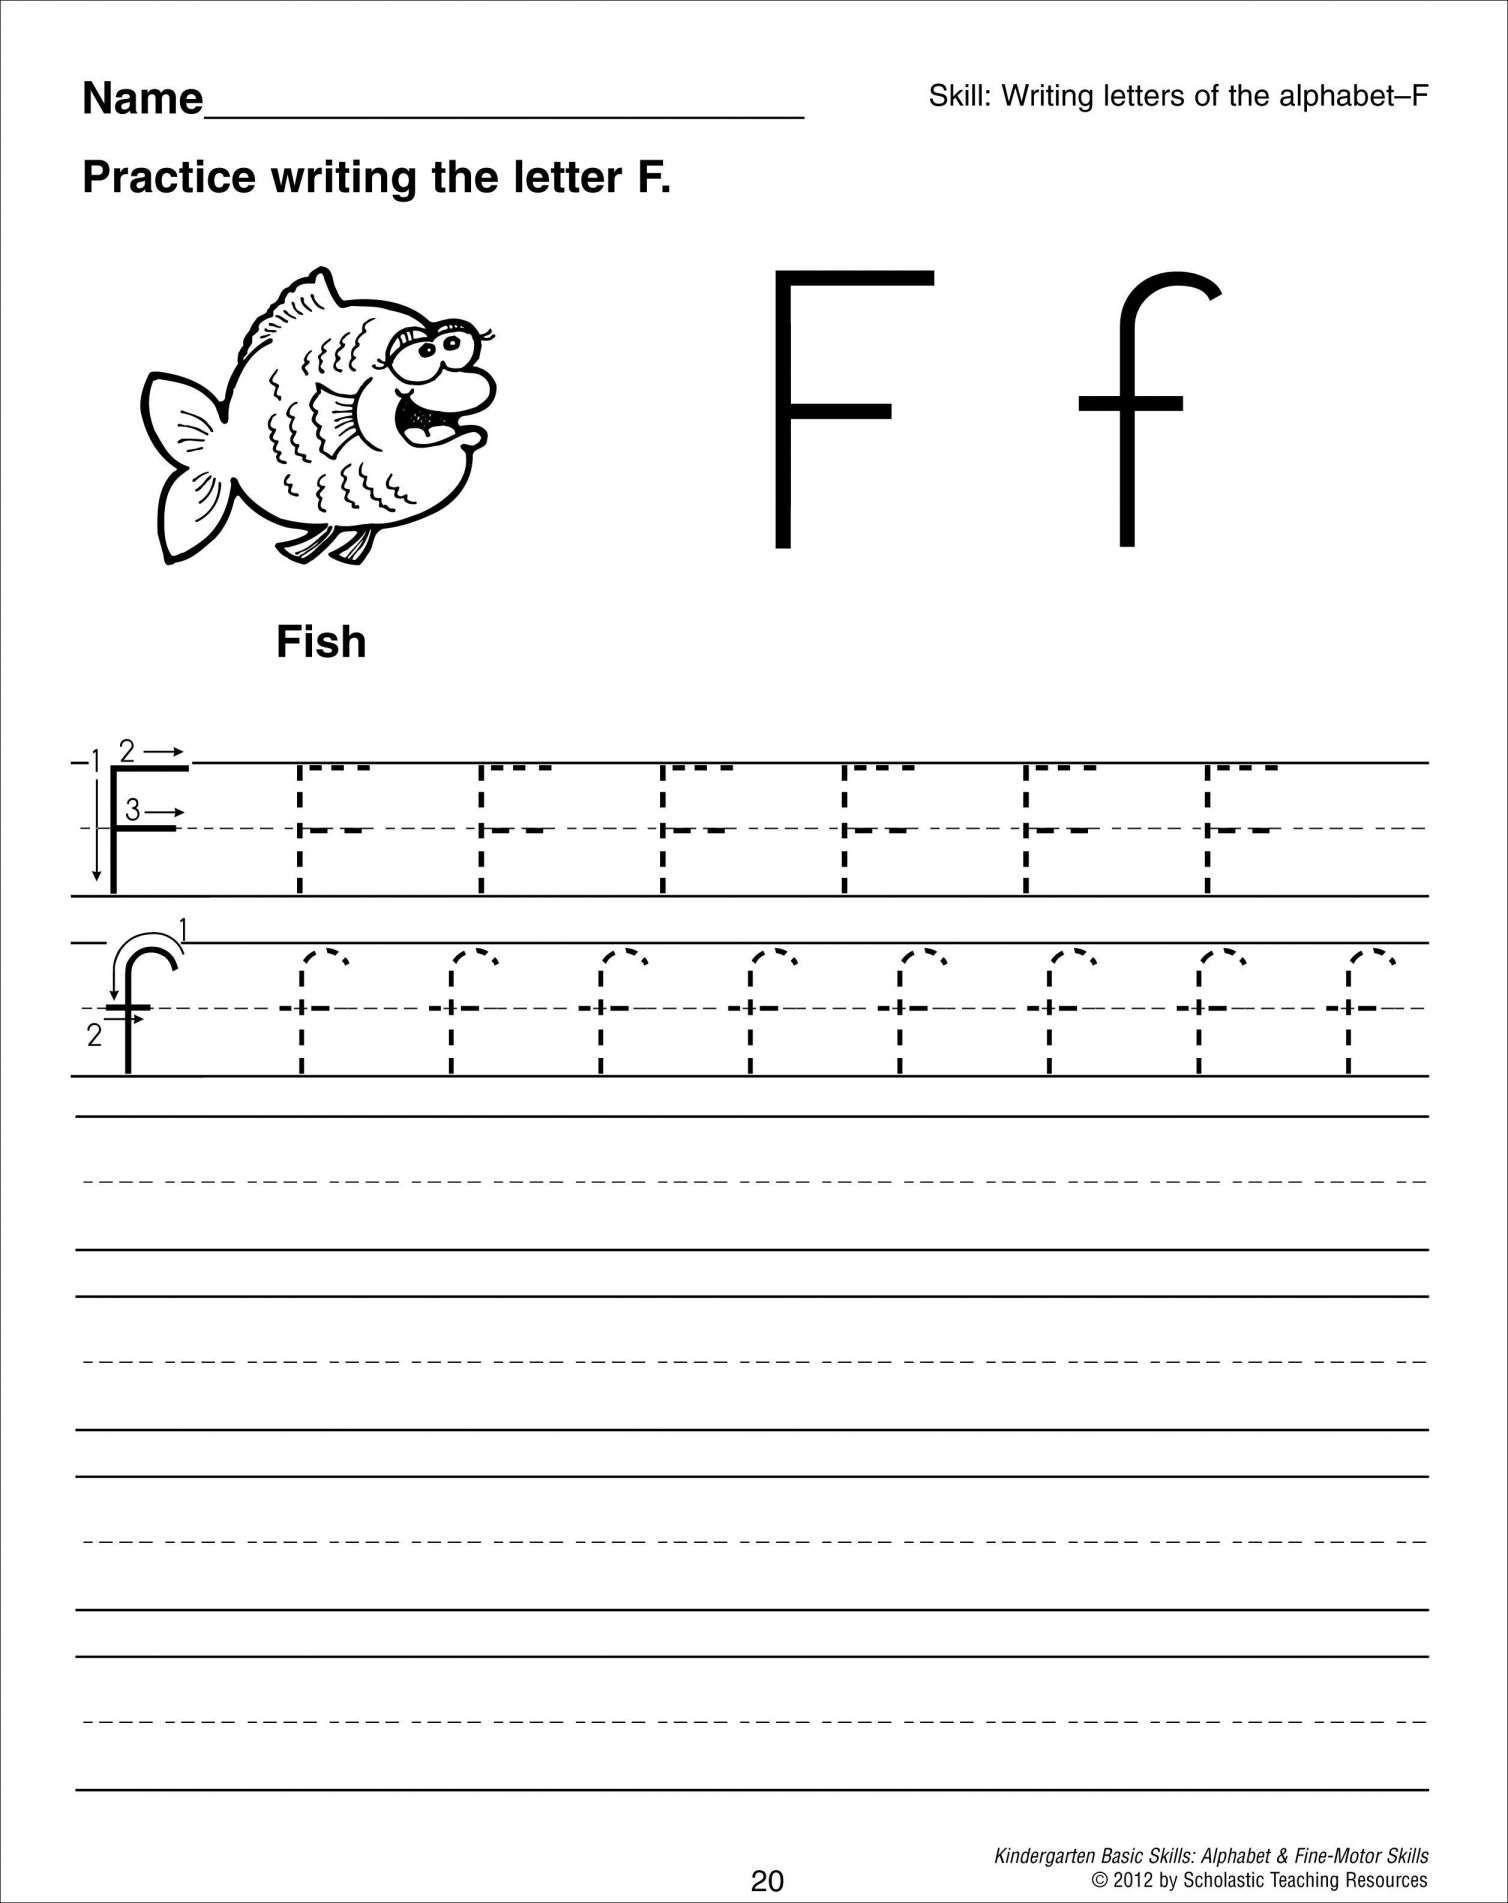 Preschool Worksheet Letter F And Letter F Tracing Worksheet Letter F Presch In 2020 Alphabet Letter Worksheets Kindergarten Worksheets Printable Alphabet Worksheets